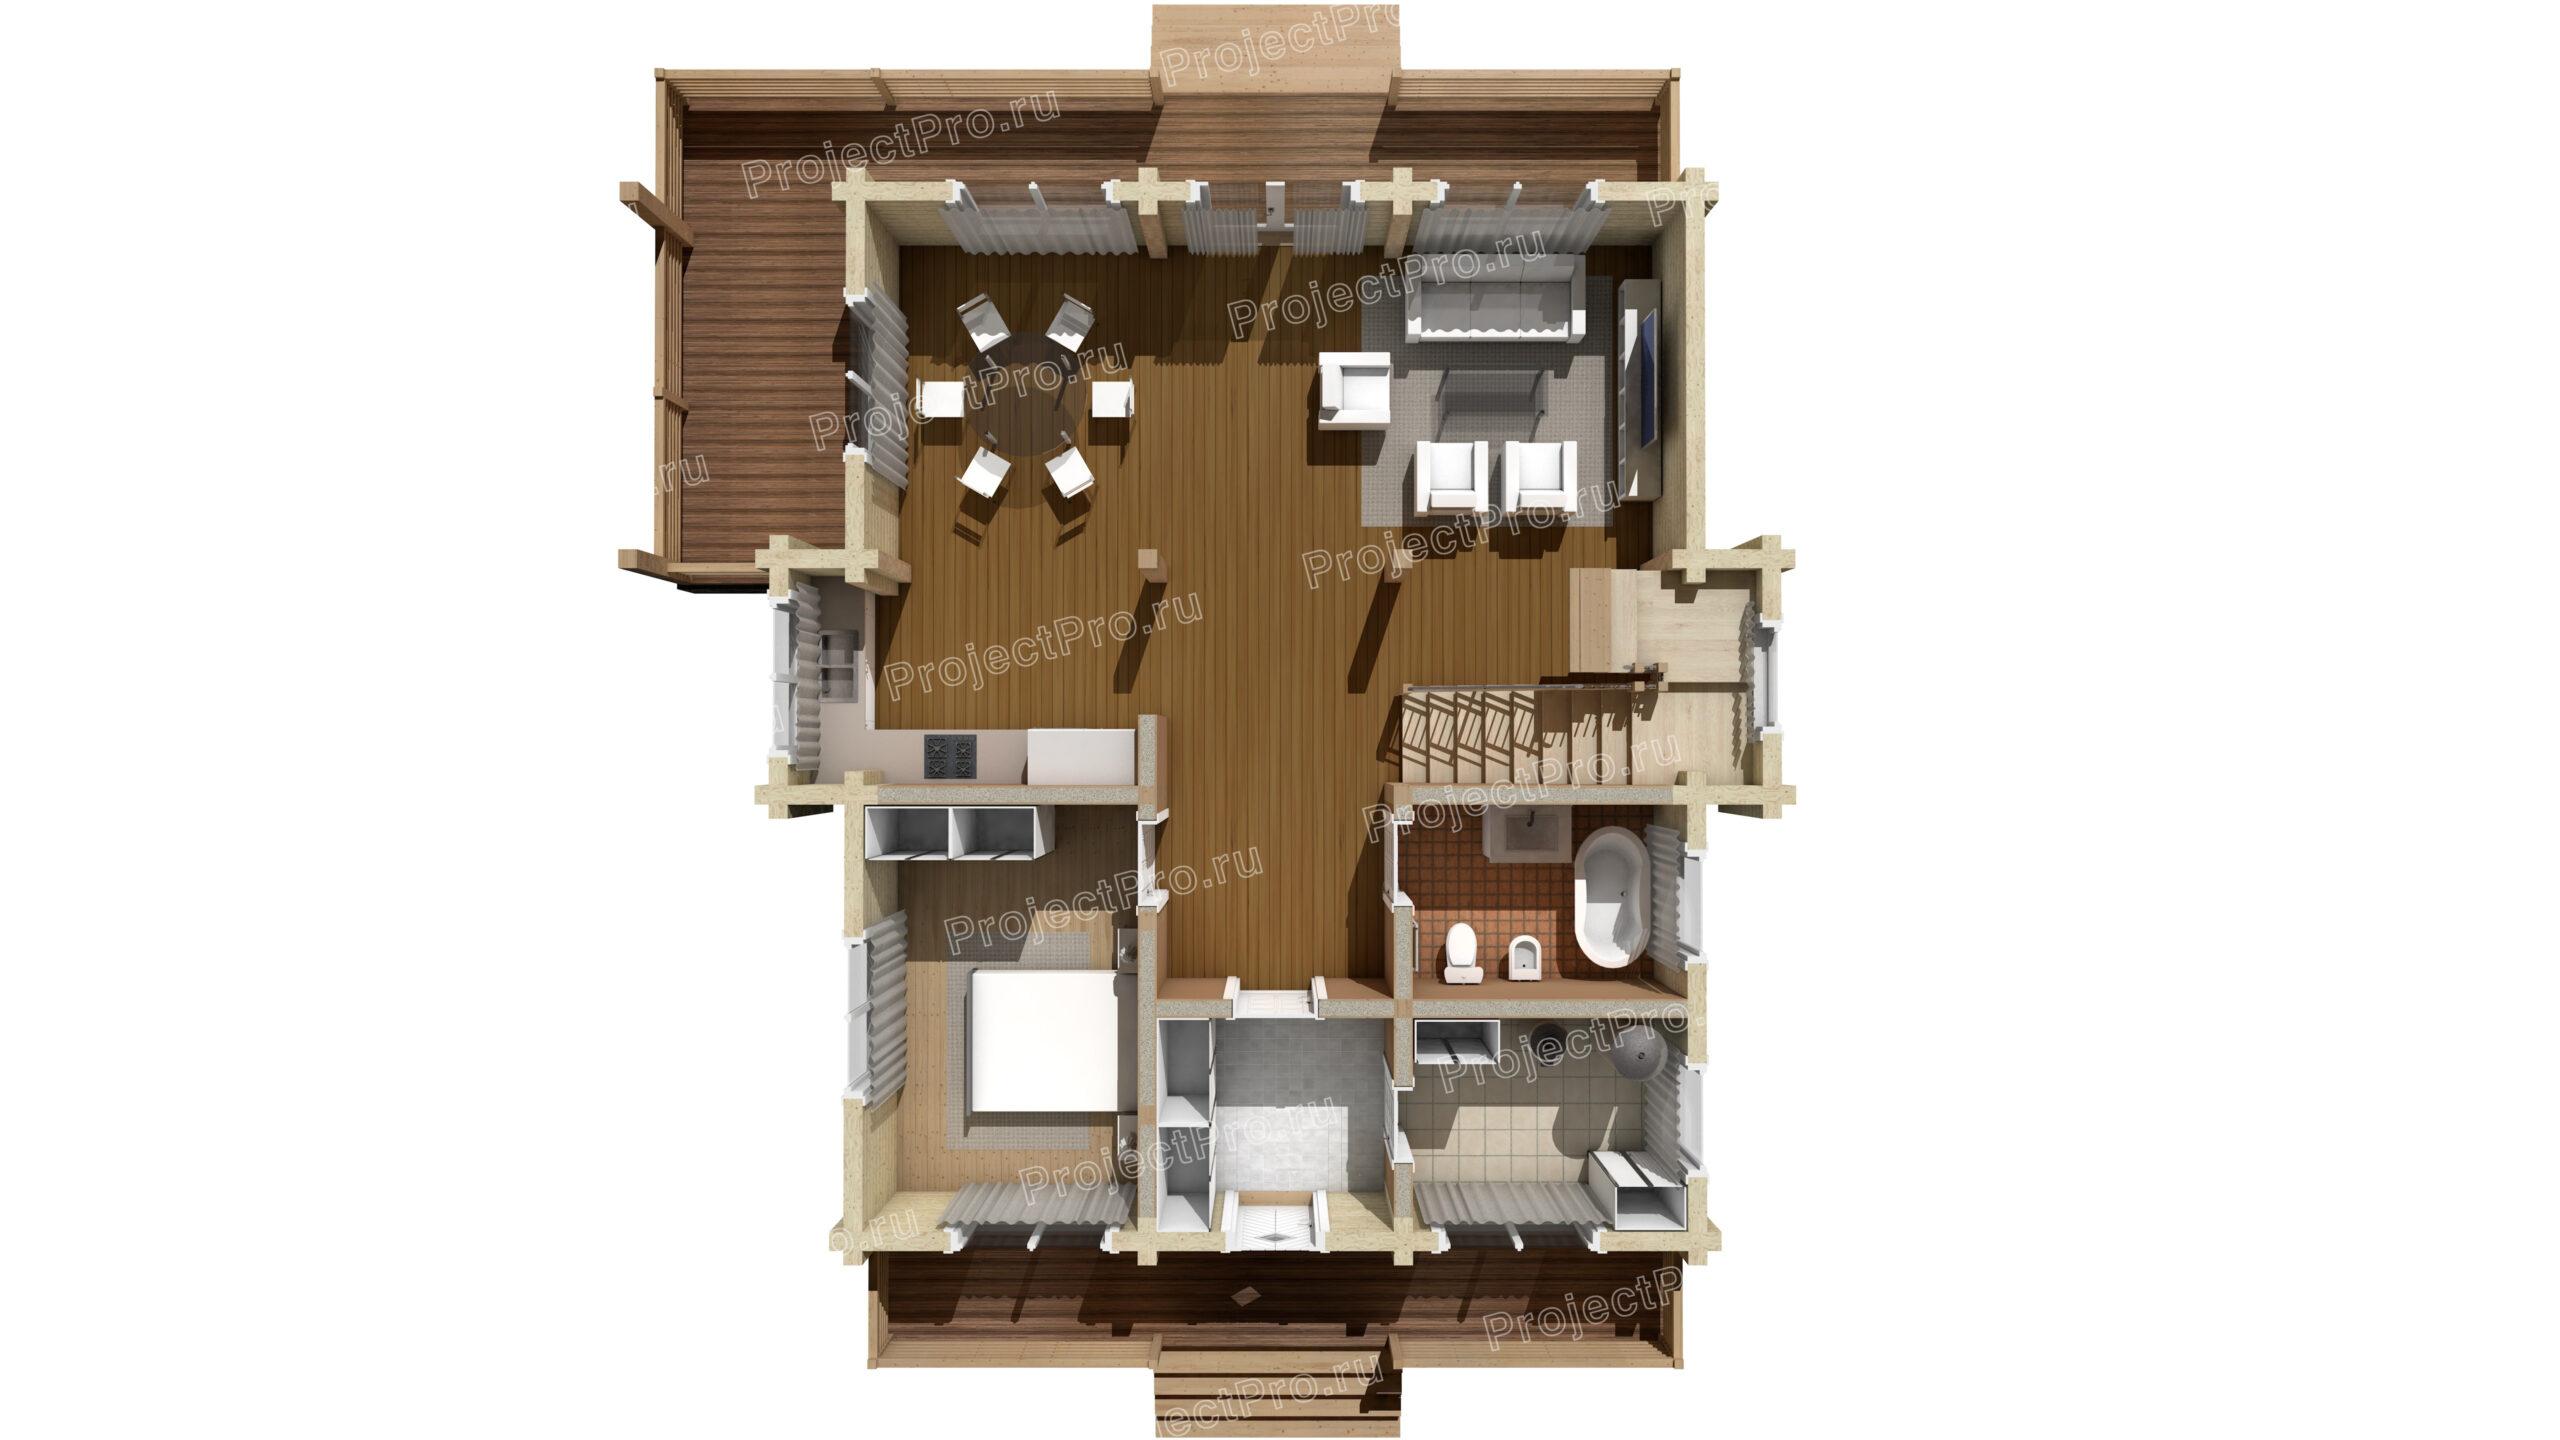 План дома из клееного бруса. 1-й этаж